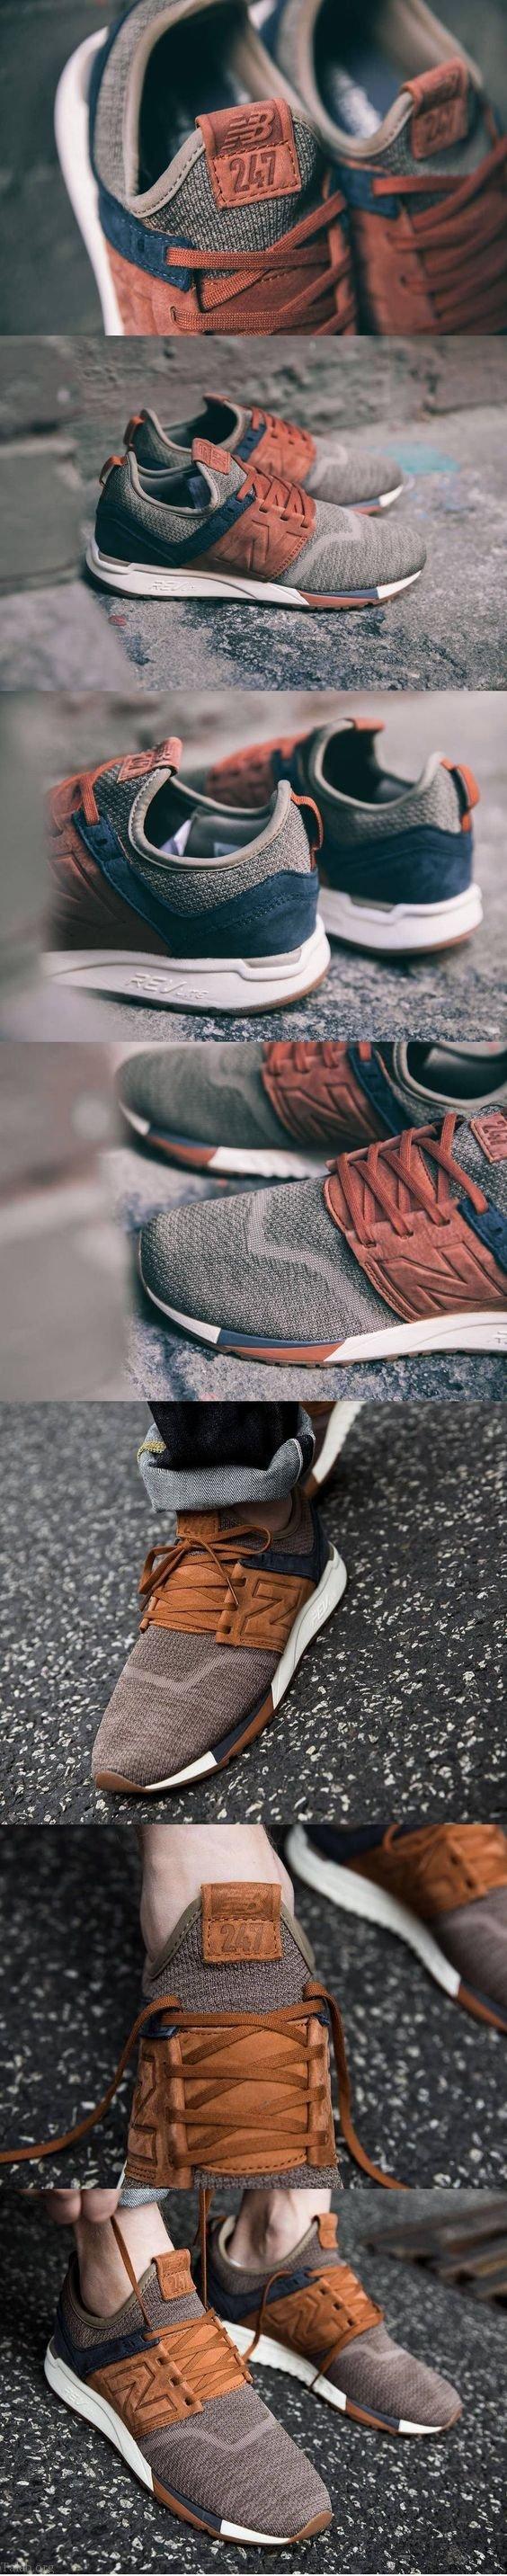 مدل های کفش اسپرت مردانه عید نوروز 99 | مدل کفش اسپرت برند 2020